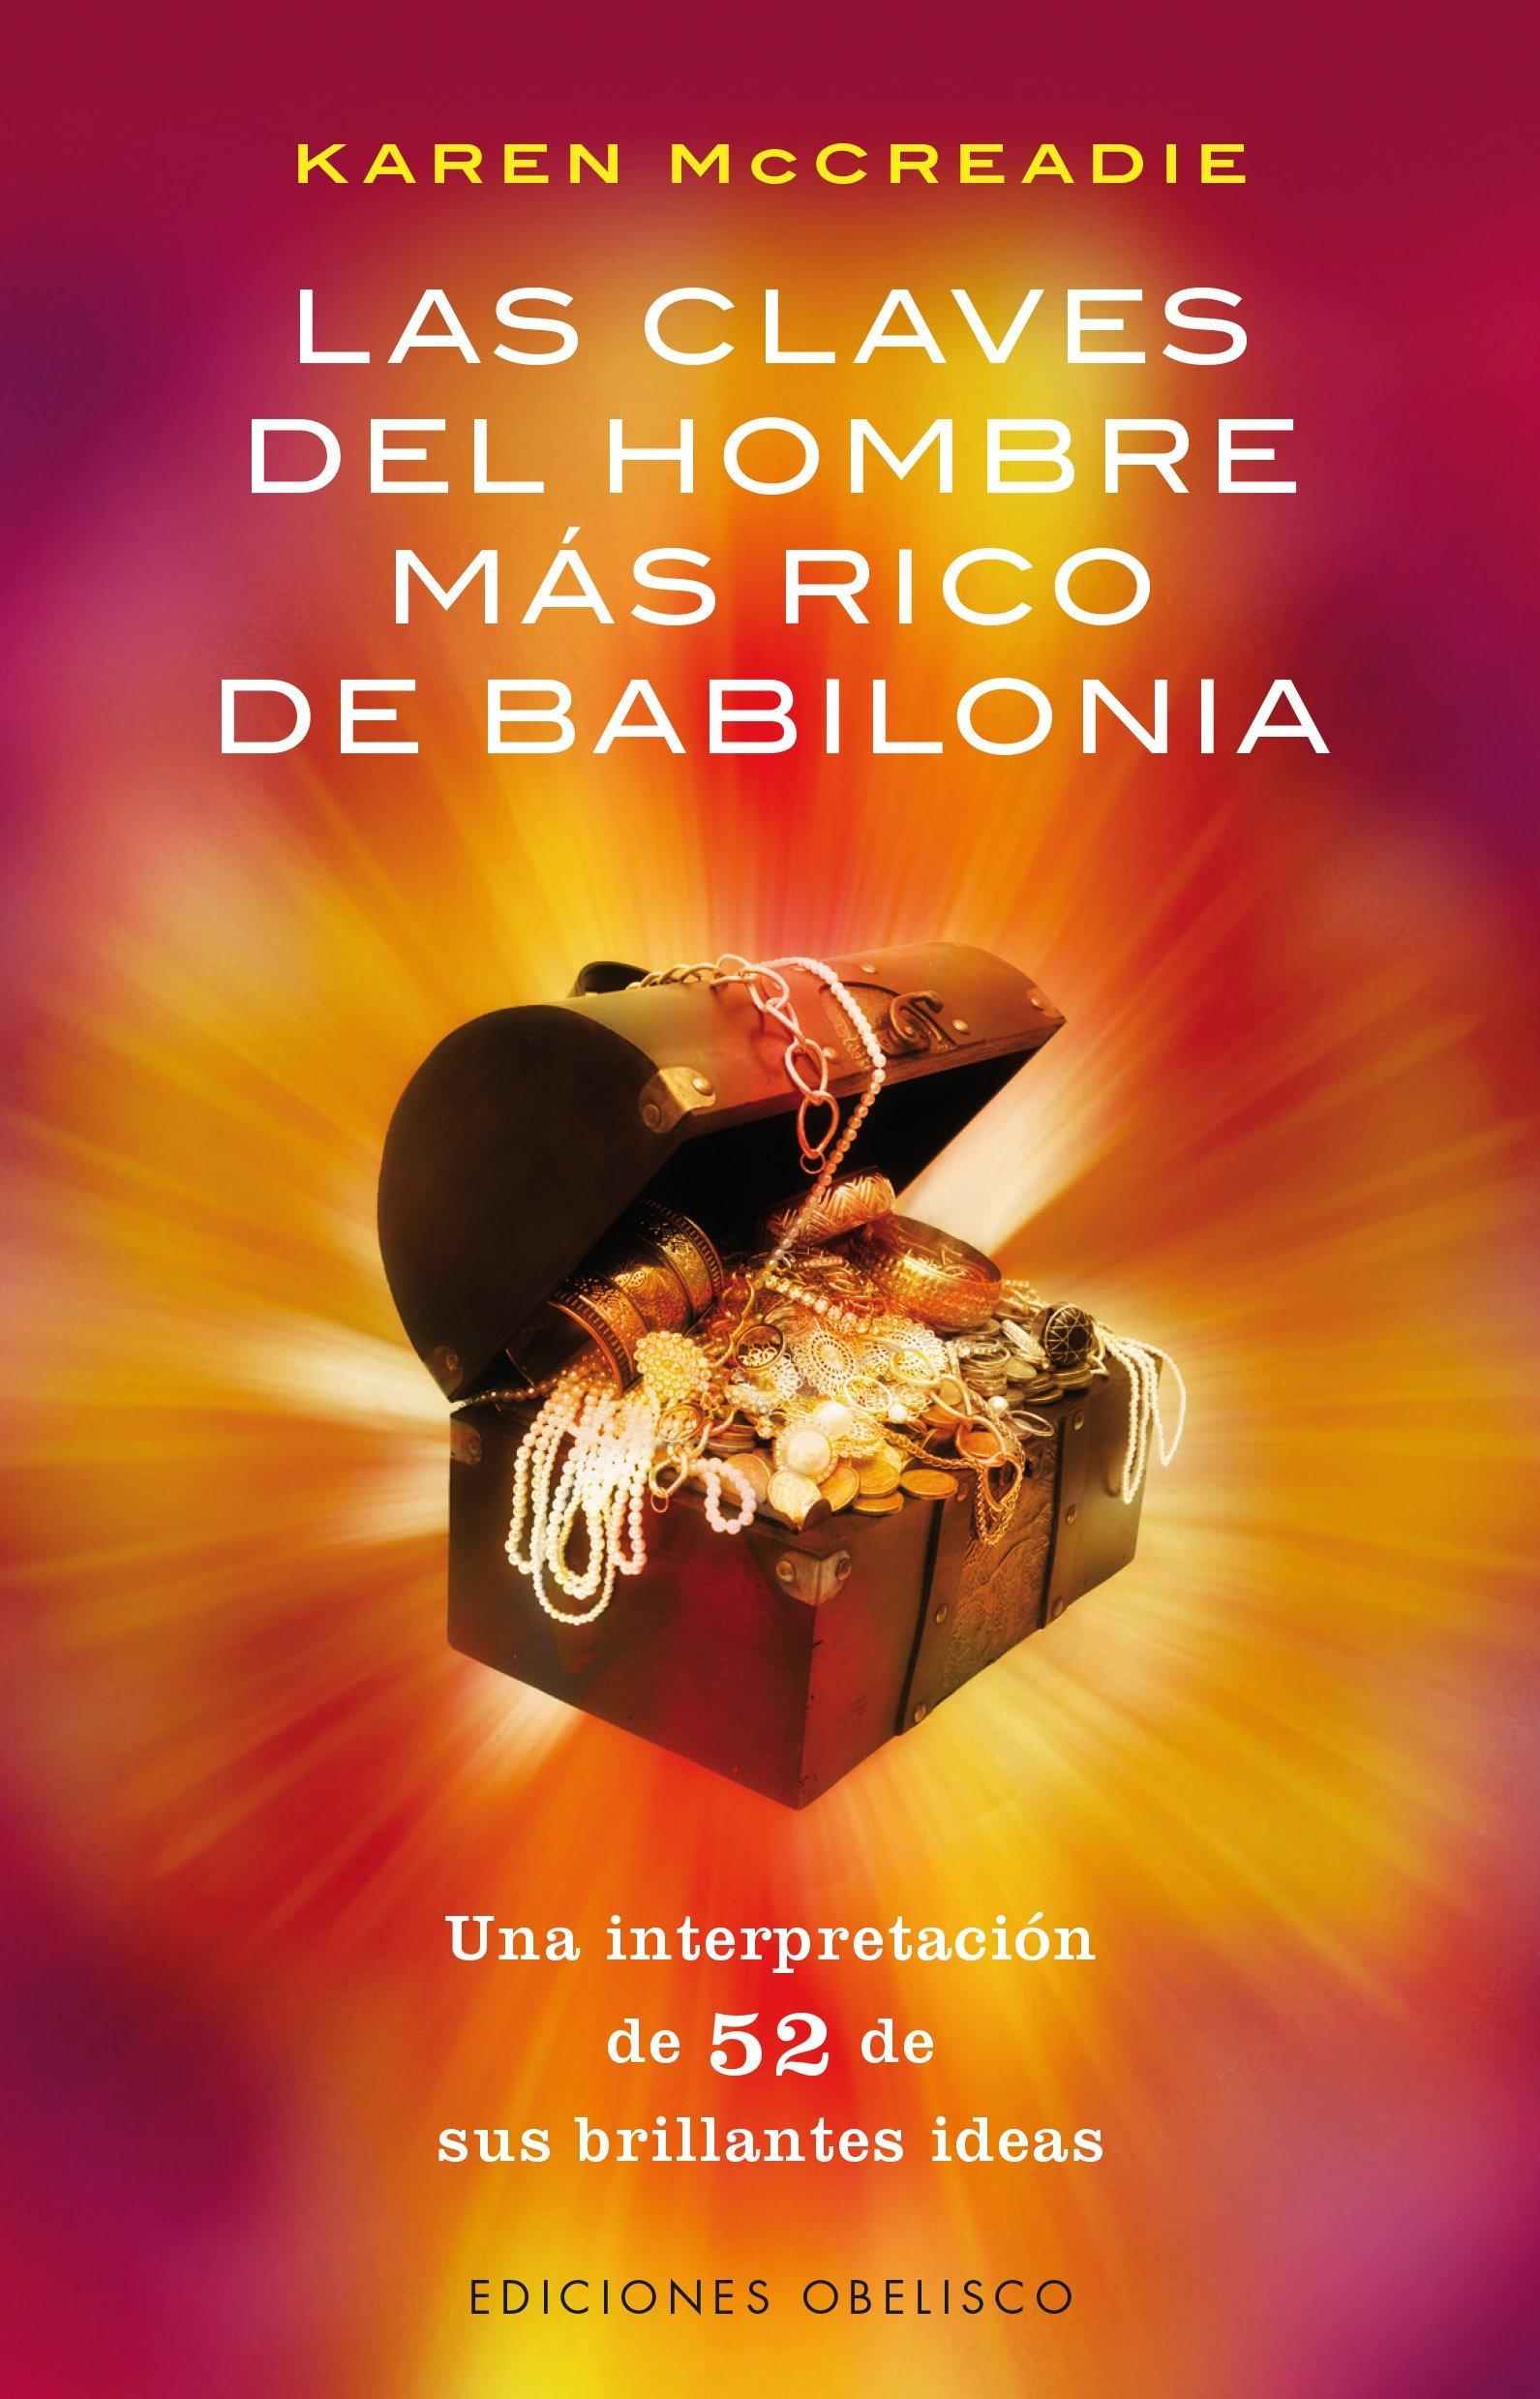 Salvado por ángeles: Cómo Dios habla a gente común (Spanish Edition)